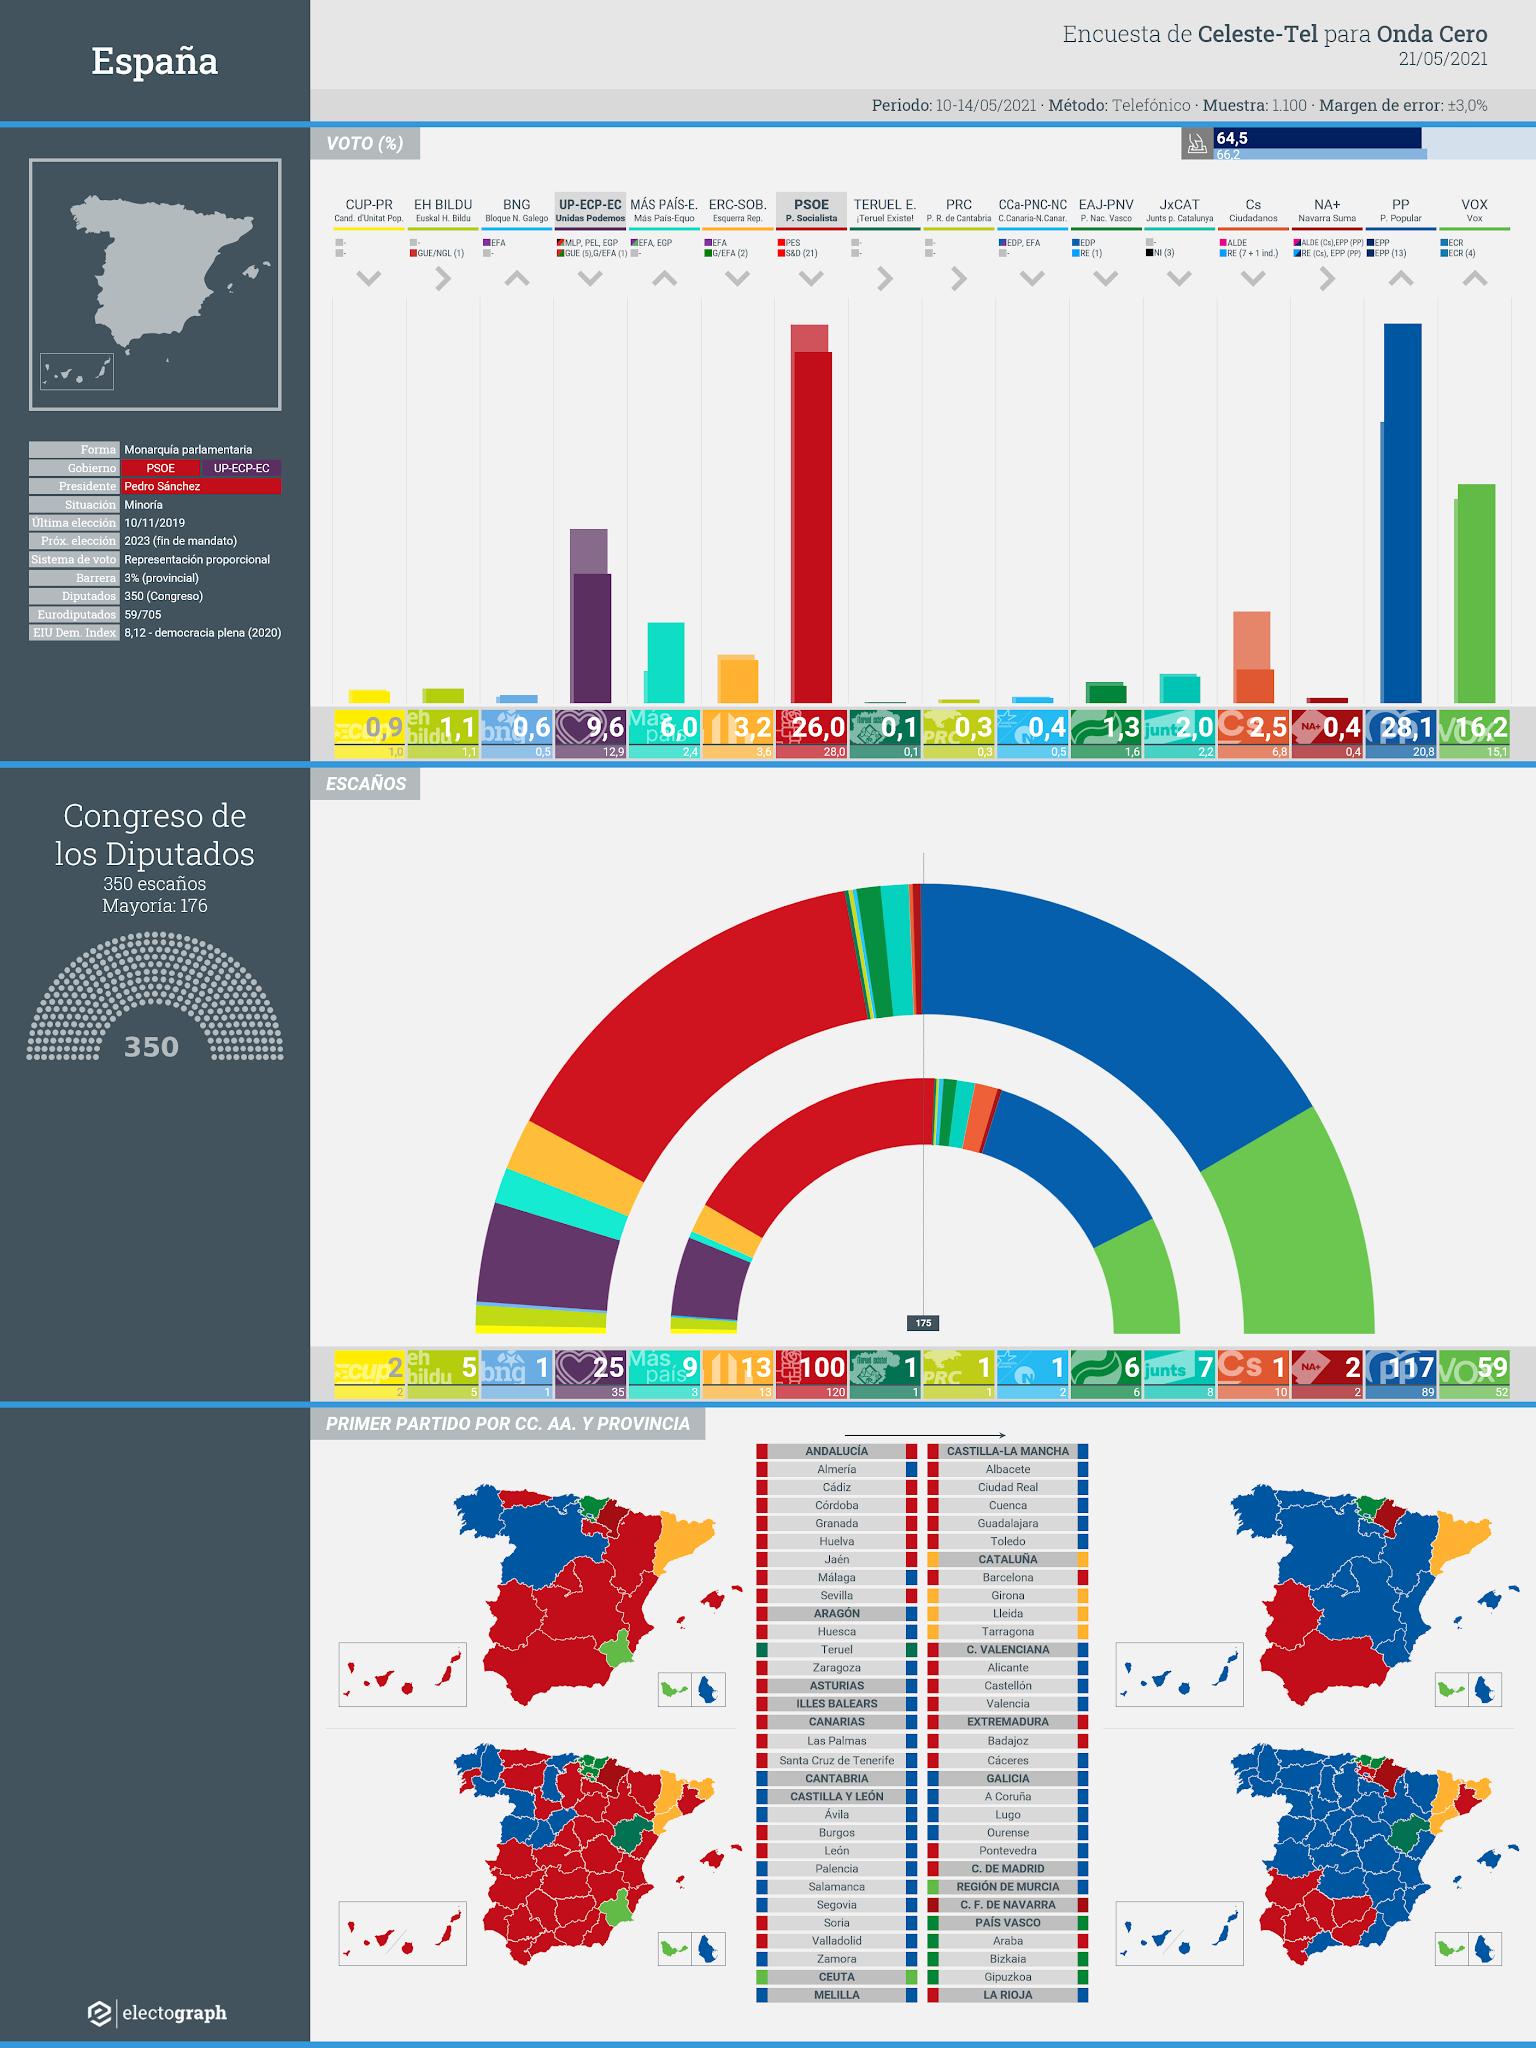 Gráfico de la encuesta para elecciones generales en España realizada por Celeste-Tel para Onda Cero, 21 de mayo de 2021